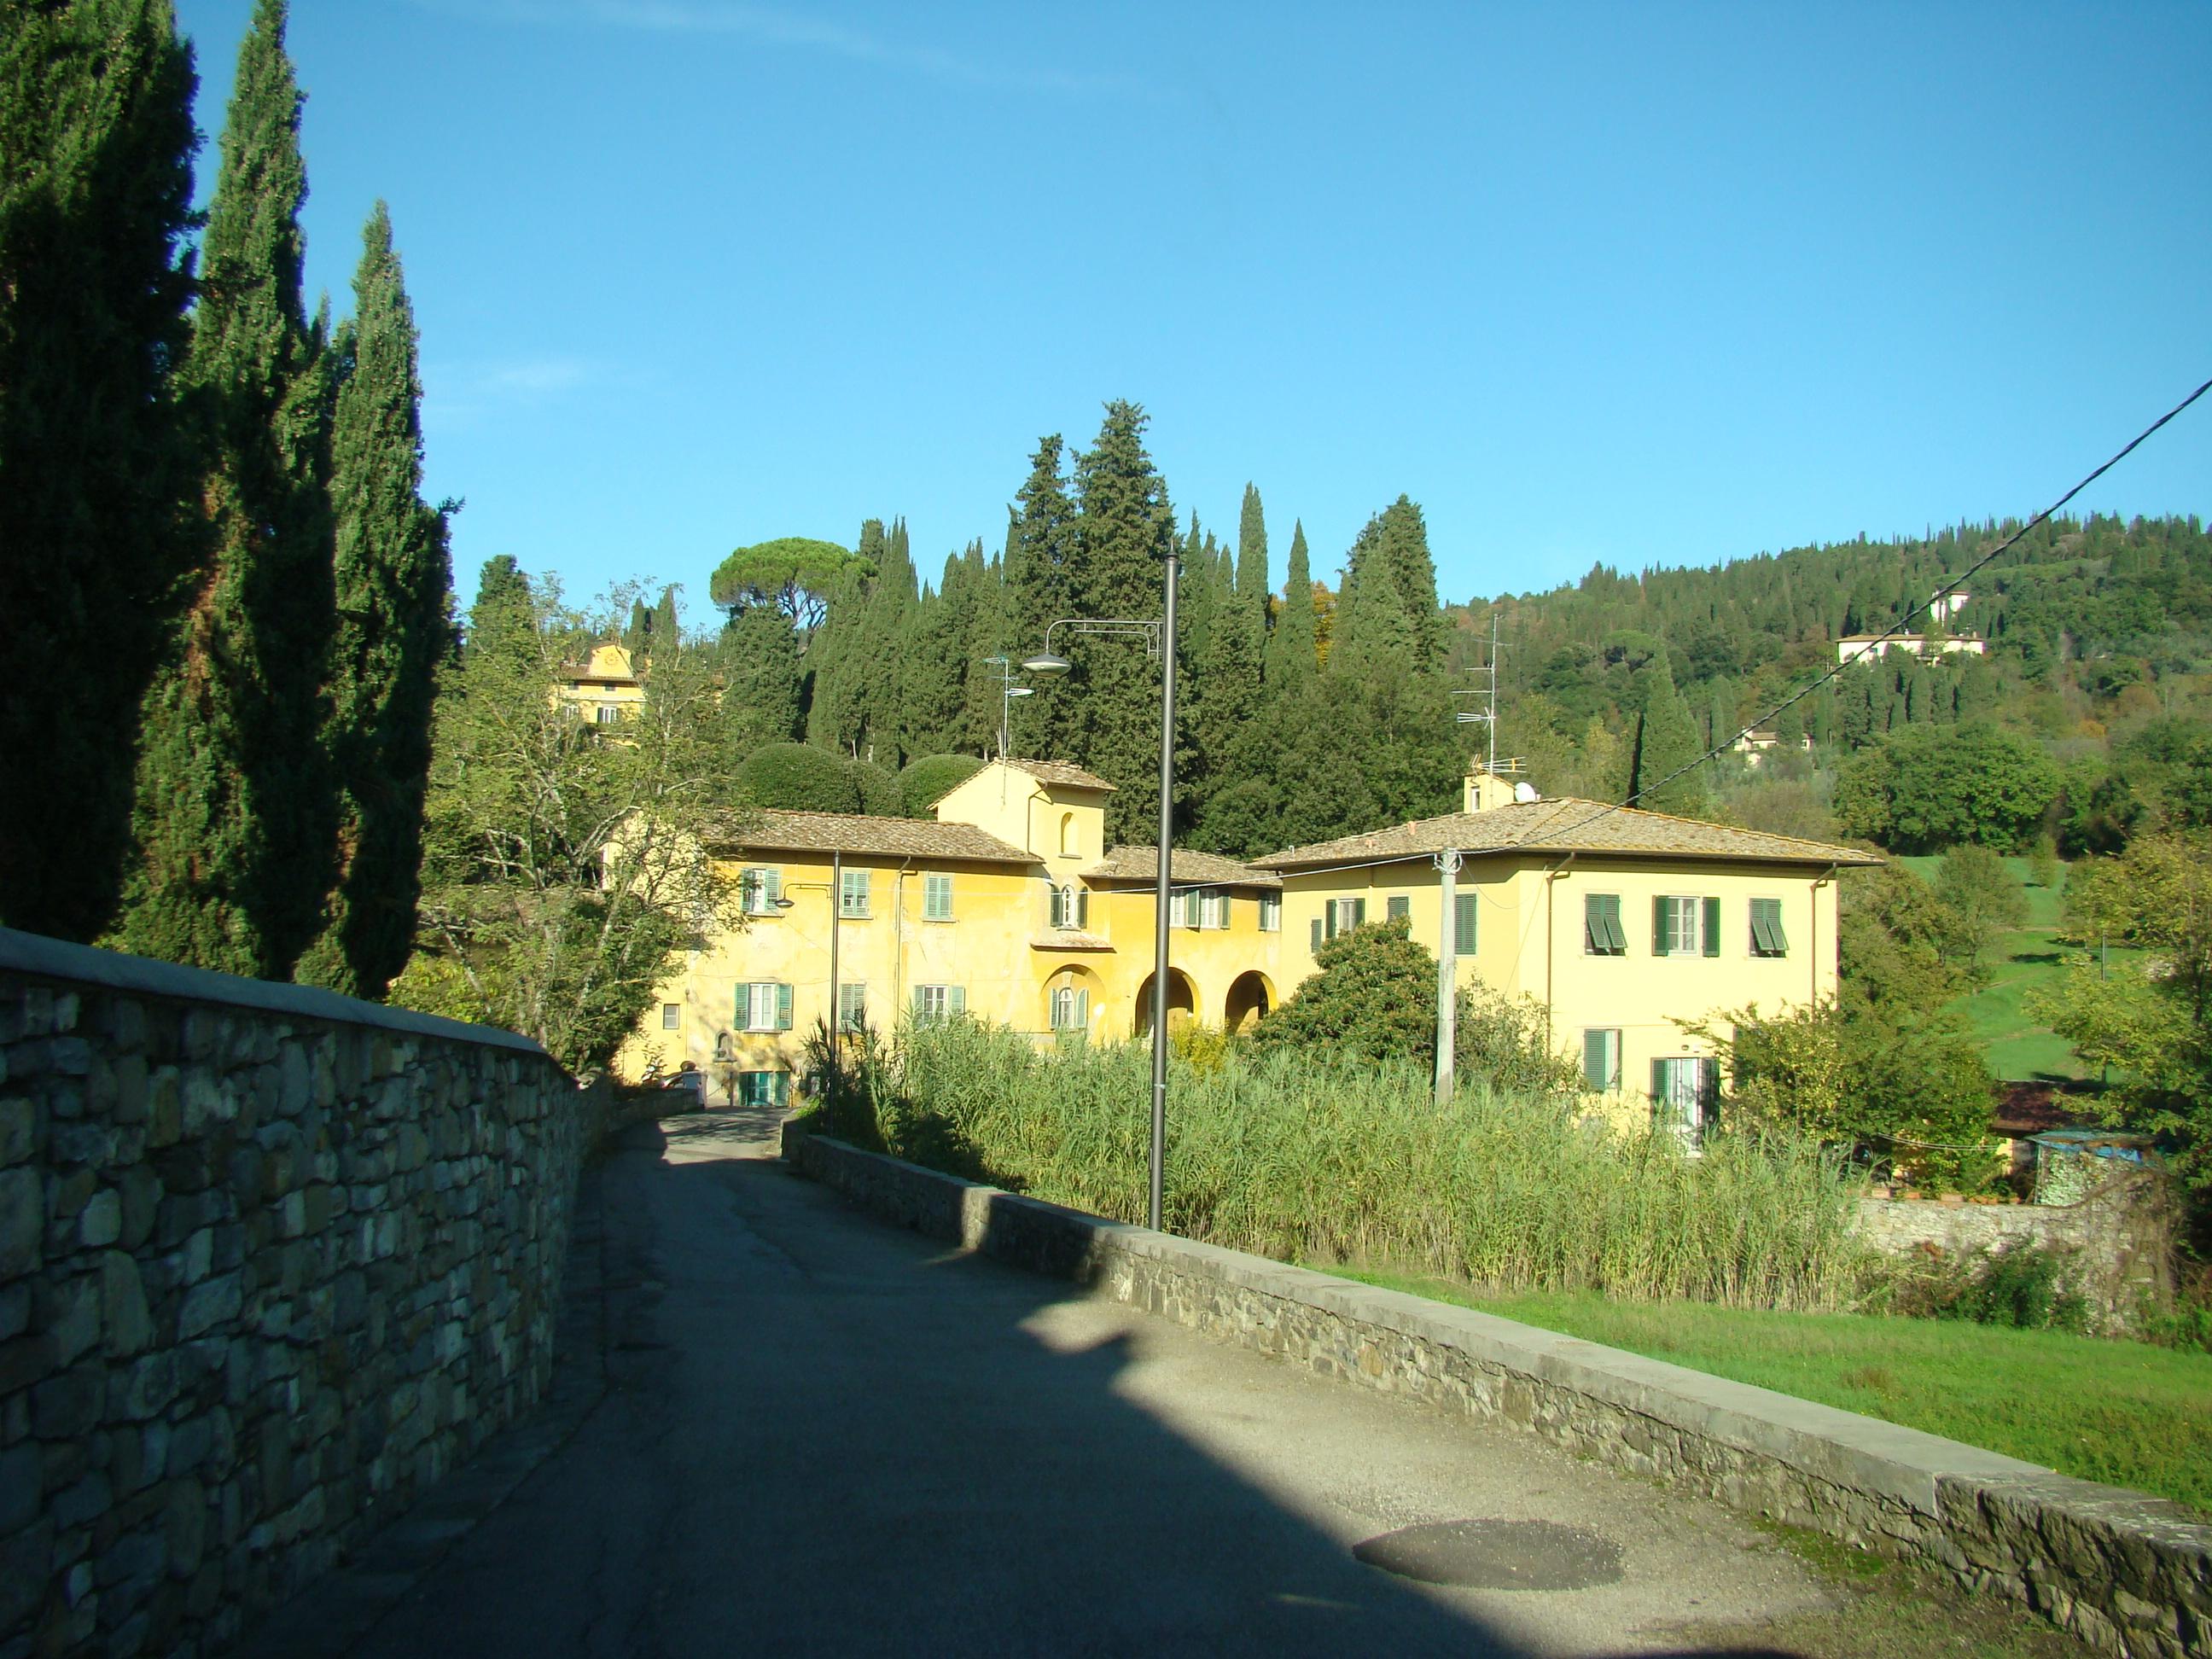 Case in località Ponte a Mensola (di Giuliana Profeti)